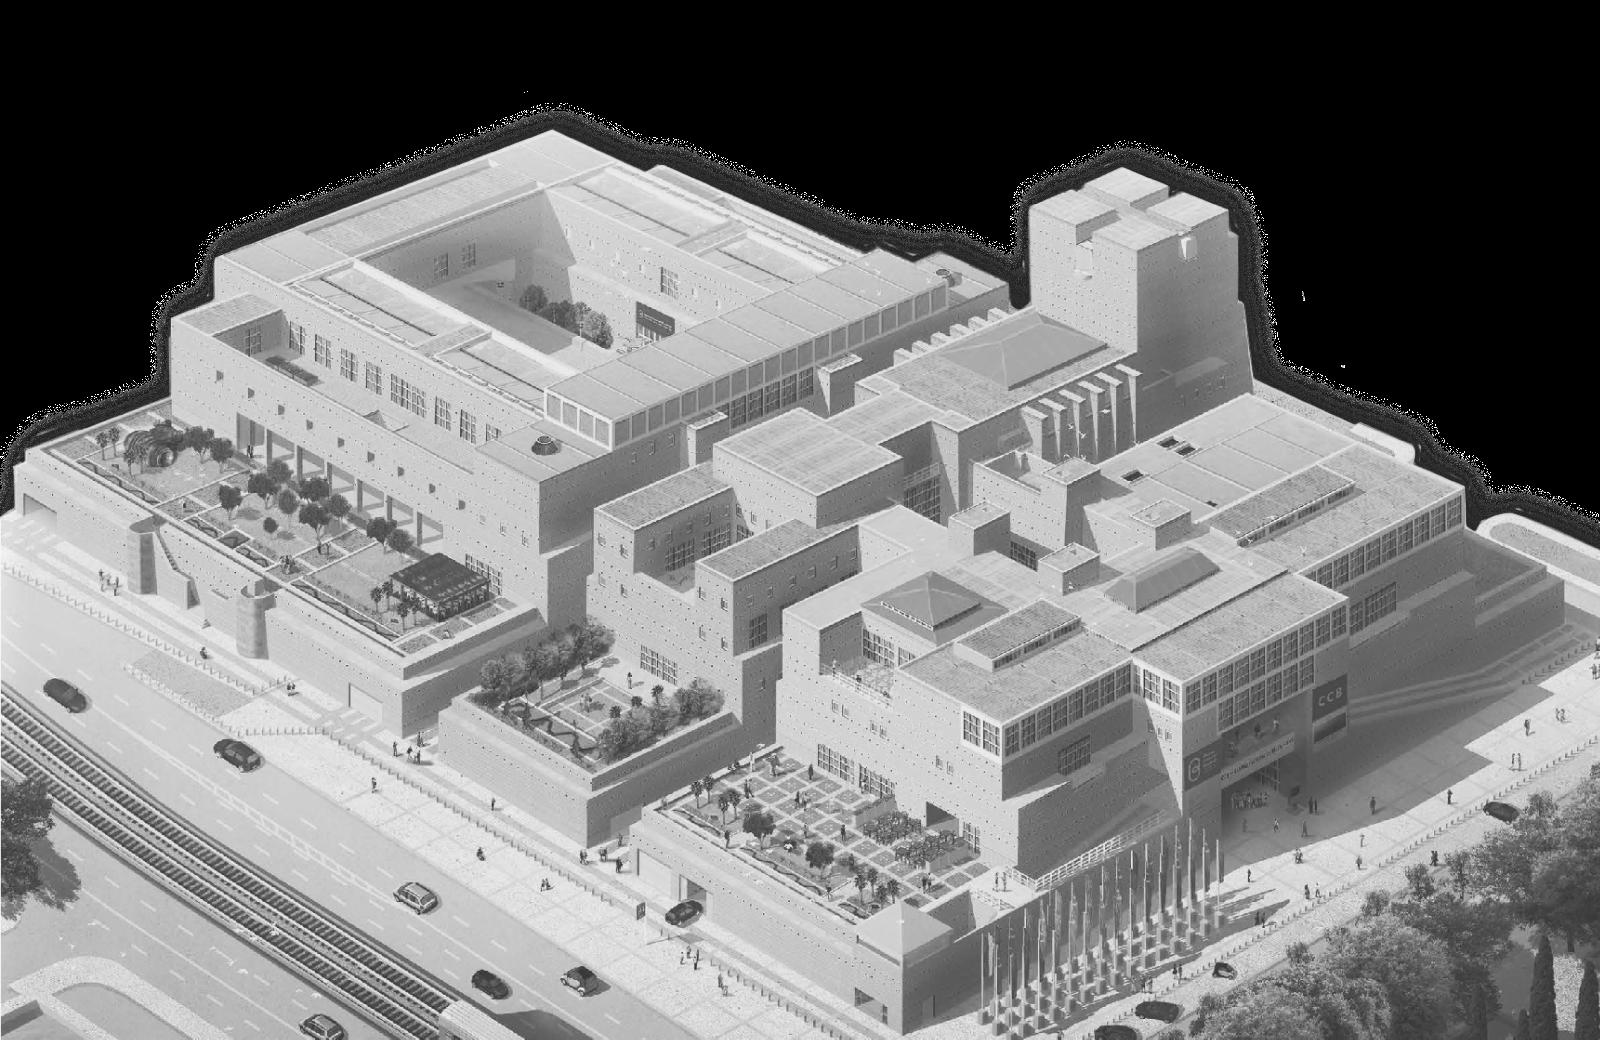 Garagem Sul - Exposições de Arquitetura